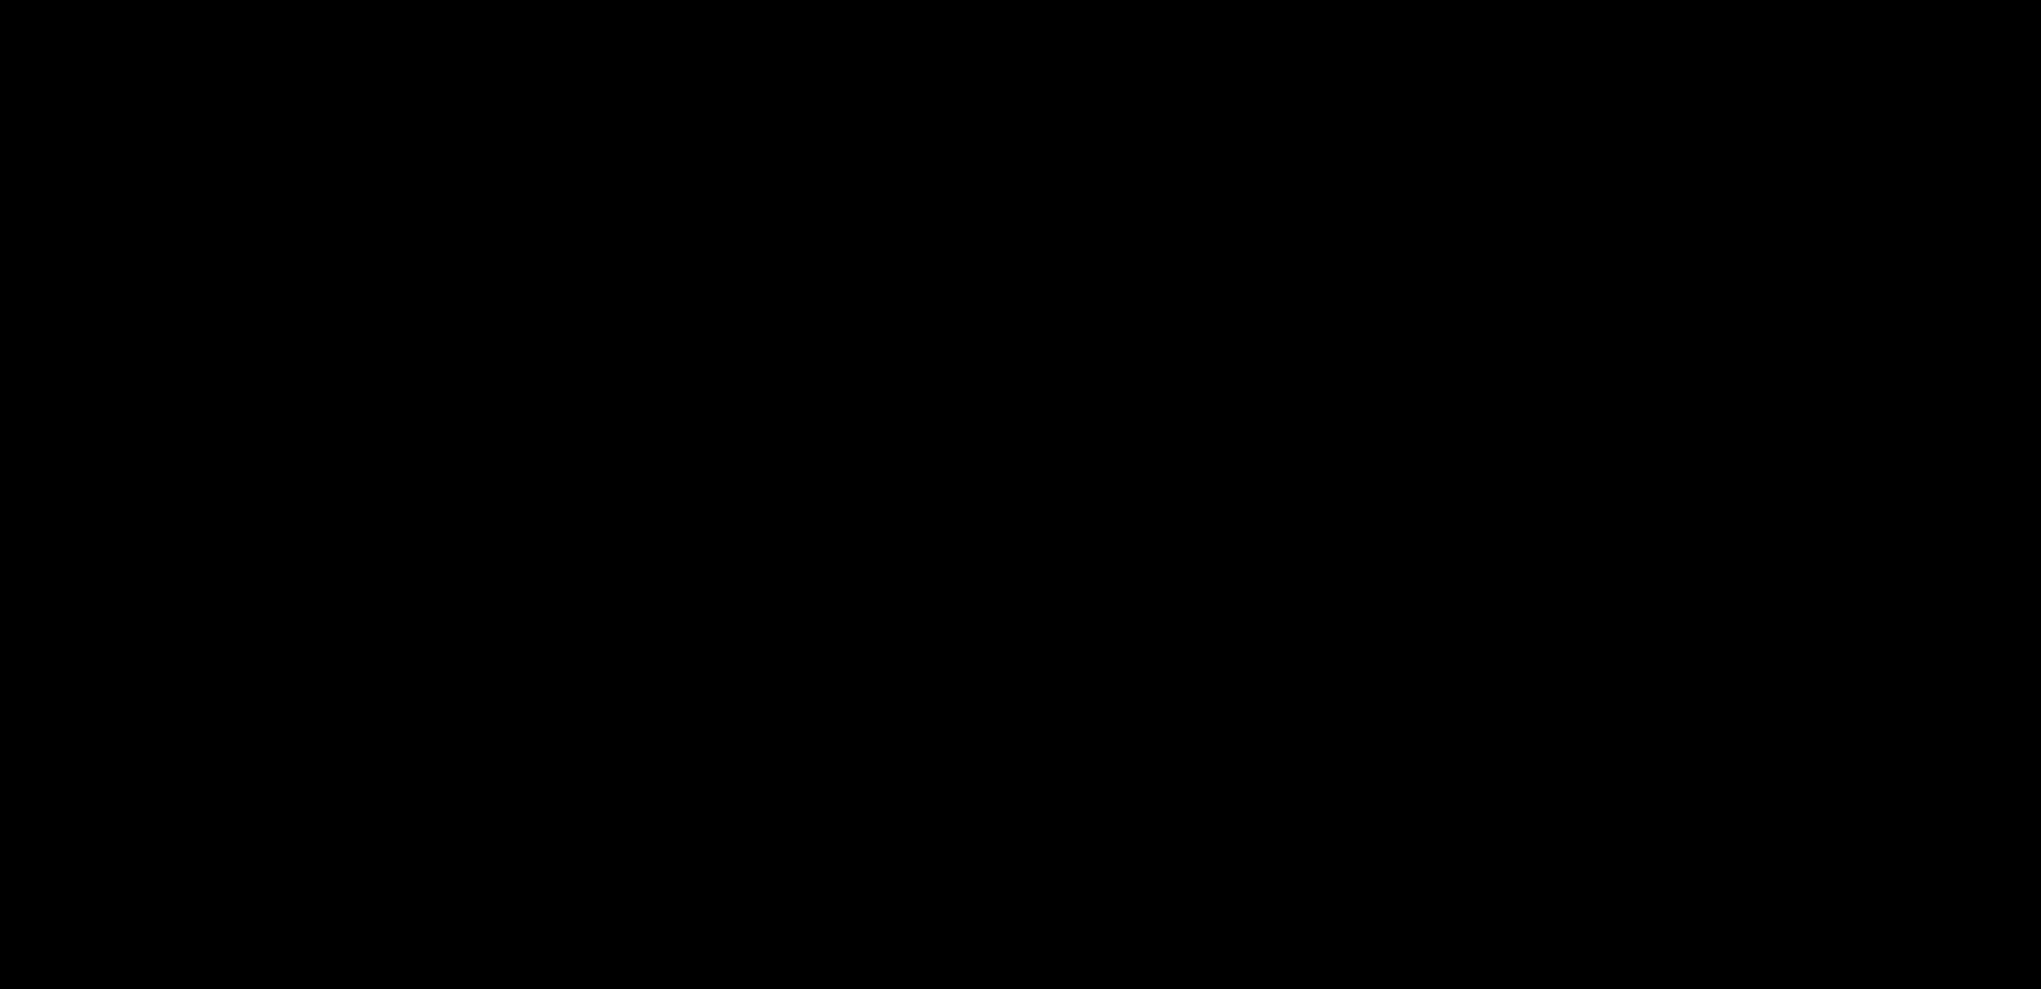 N-tert-Butyloxycarbonyl-D-erythro-dihydro-D-sphingosine-1-phosphate Dicyanoethyl Ester